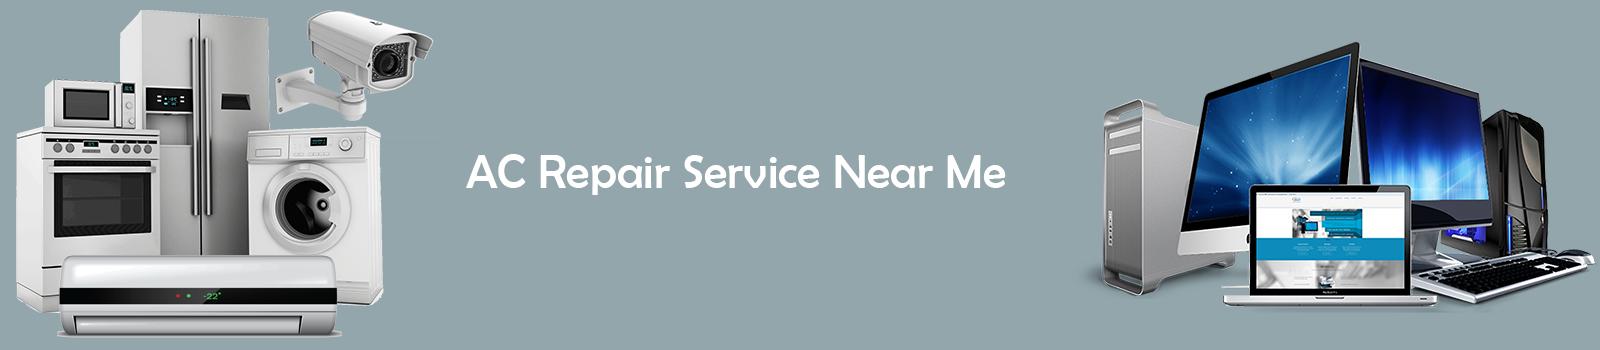 AC Repair Service Near Me   Call Now 8655112626